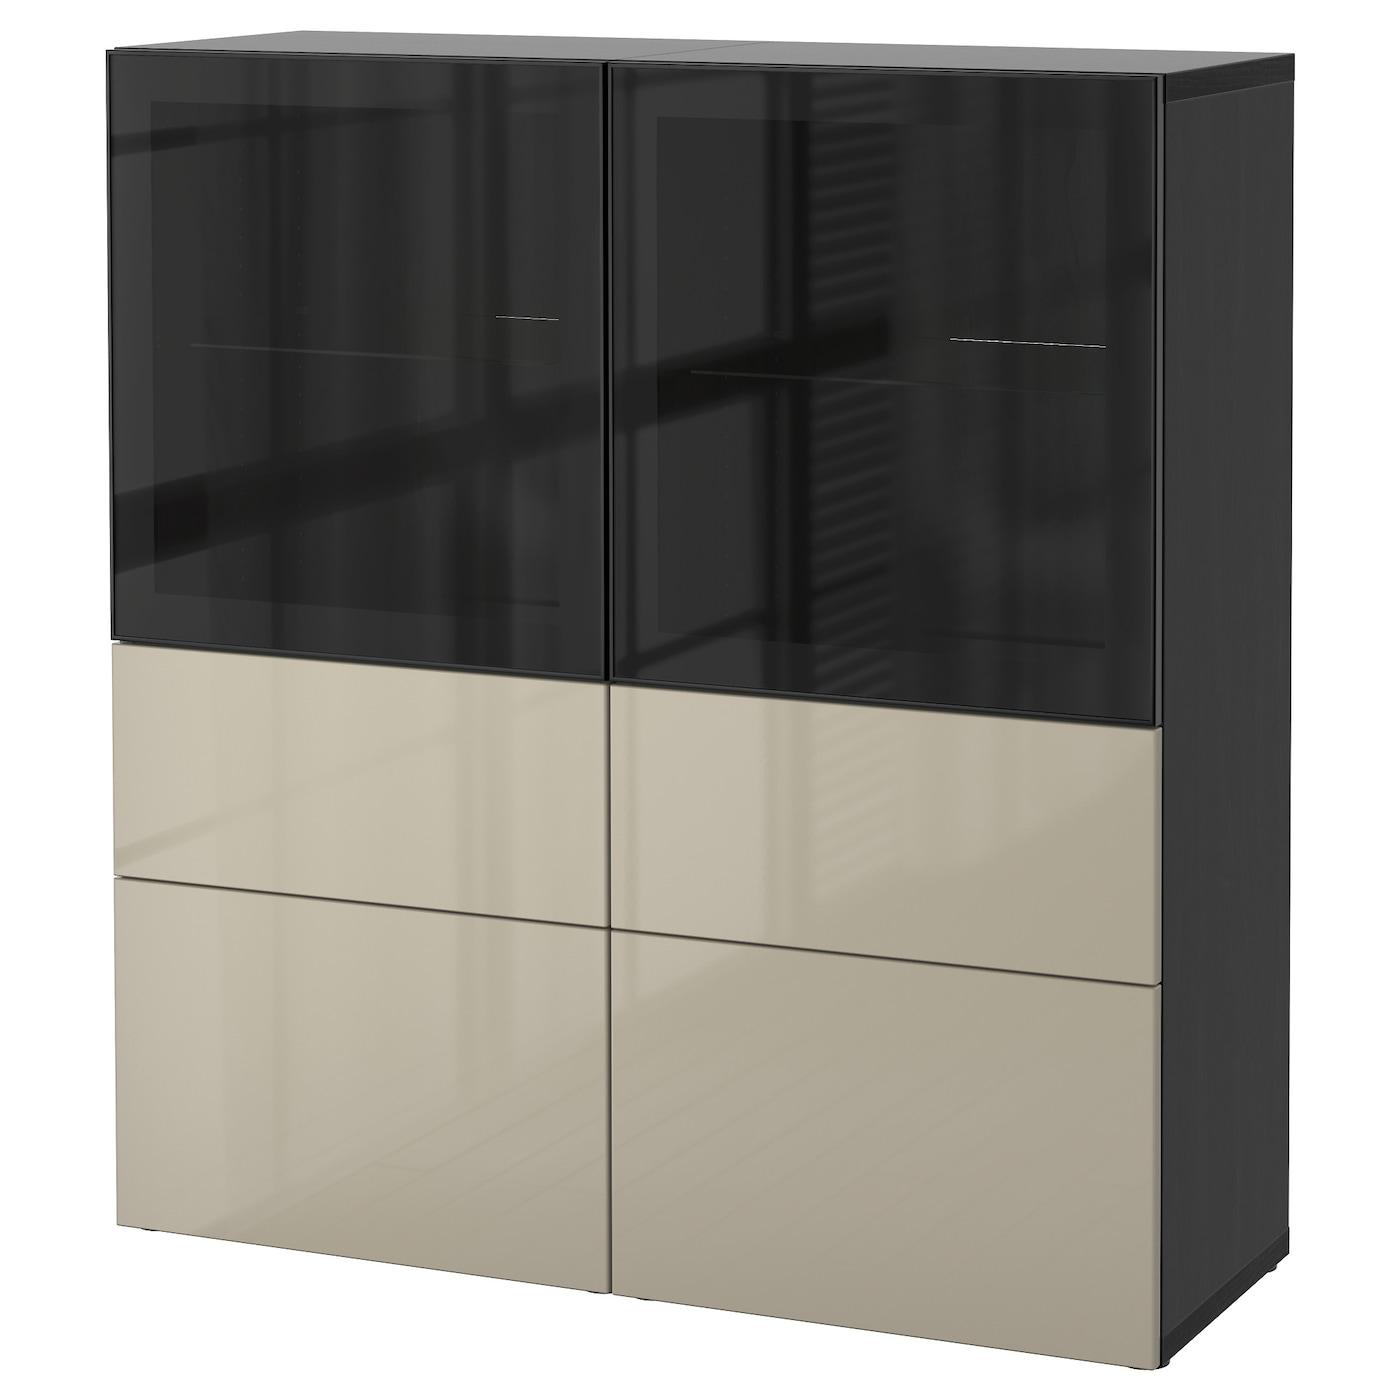 IKEA BESTÅ Storage Combination W Glass Doors Part 75